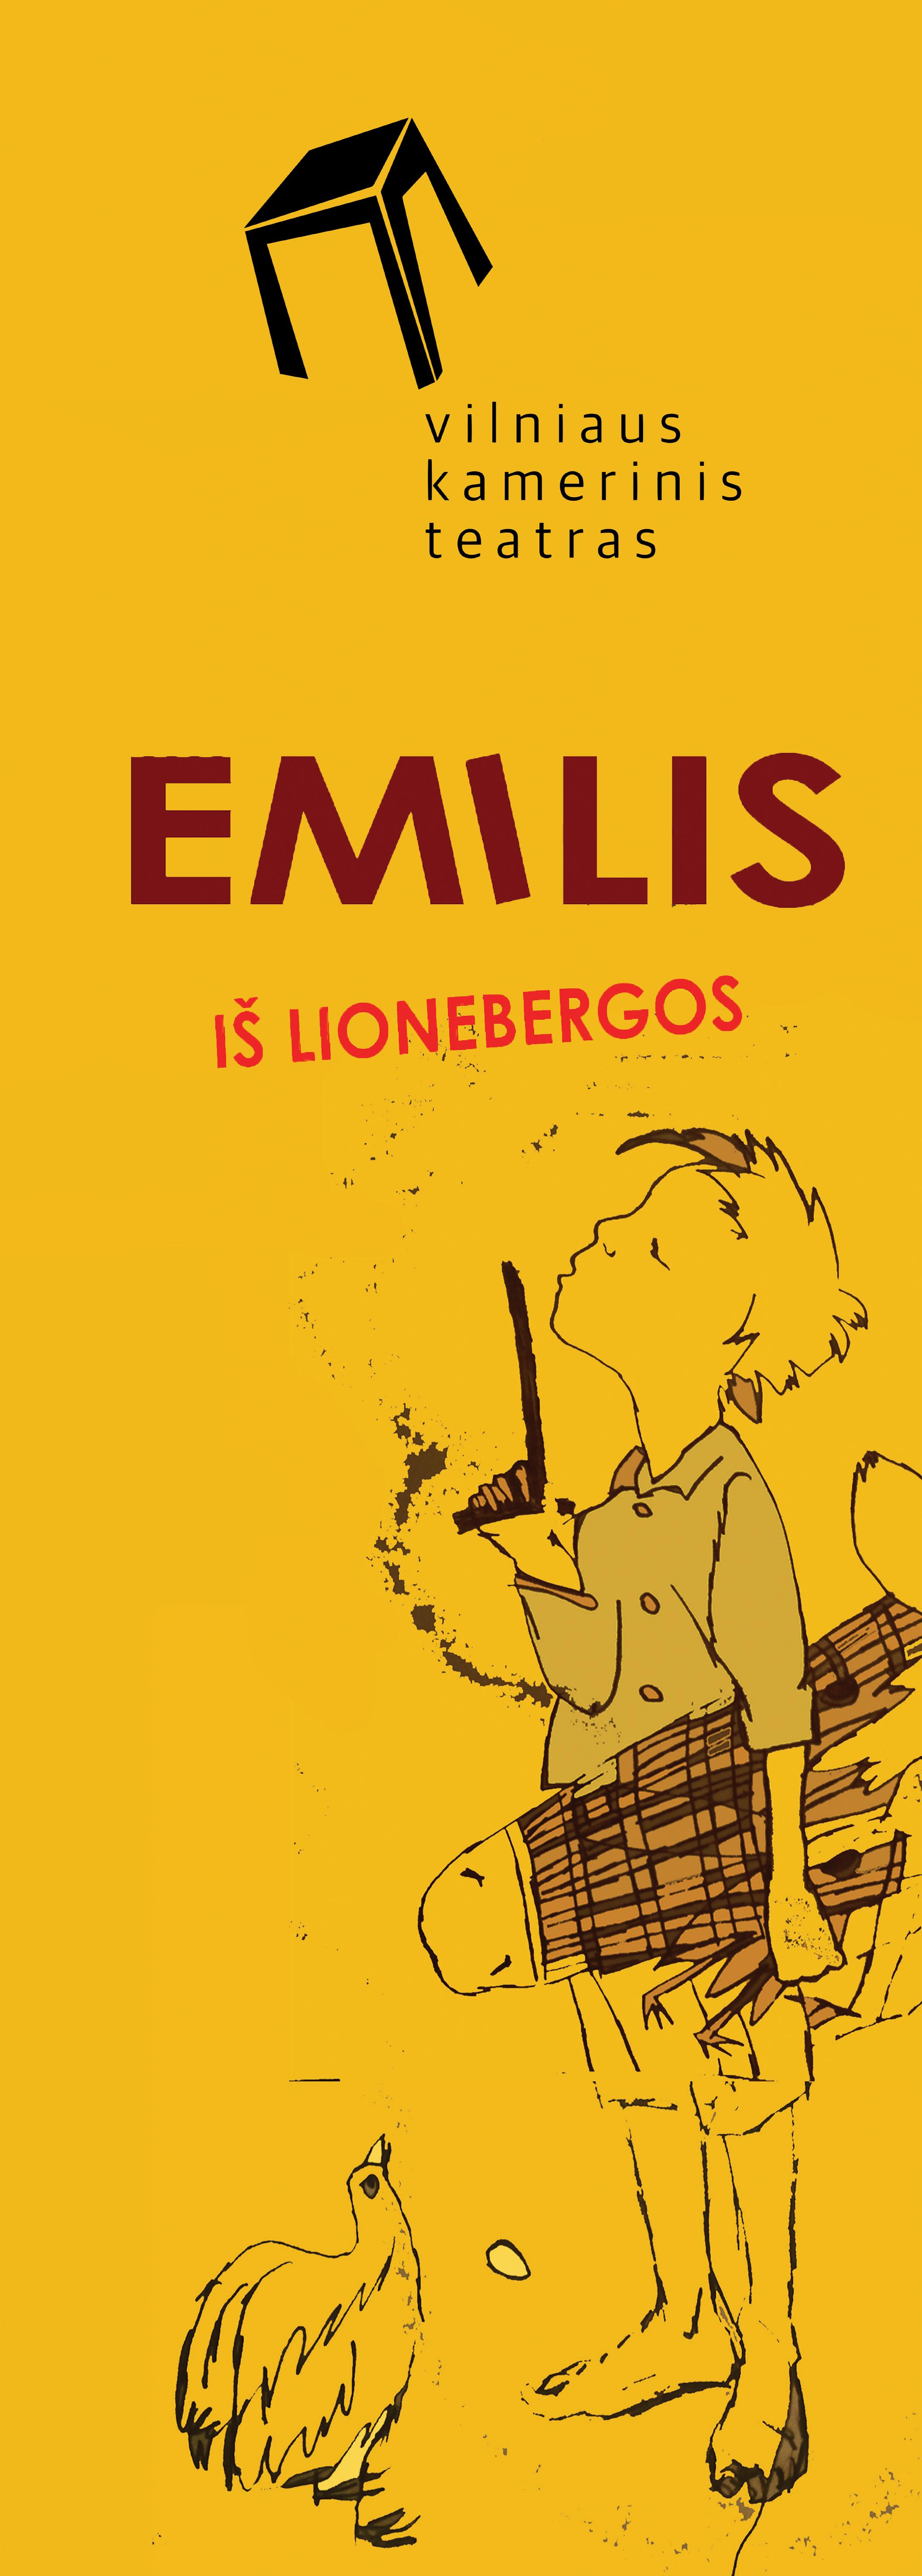 emilis